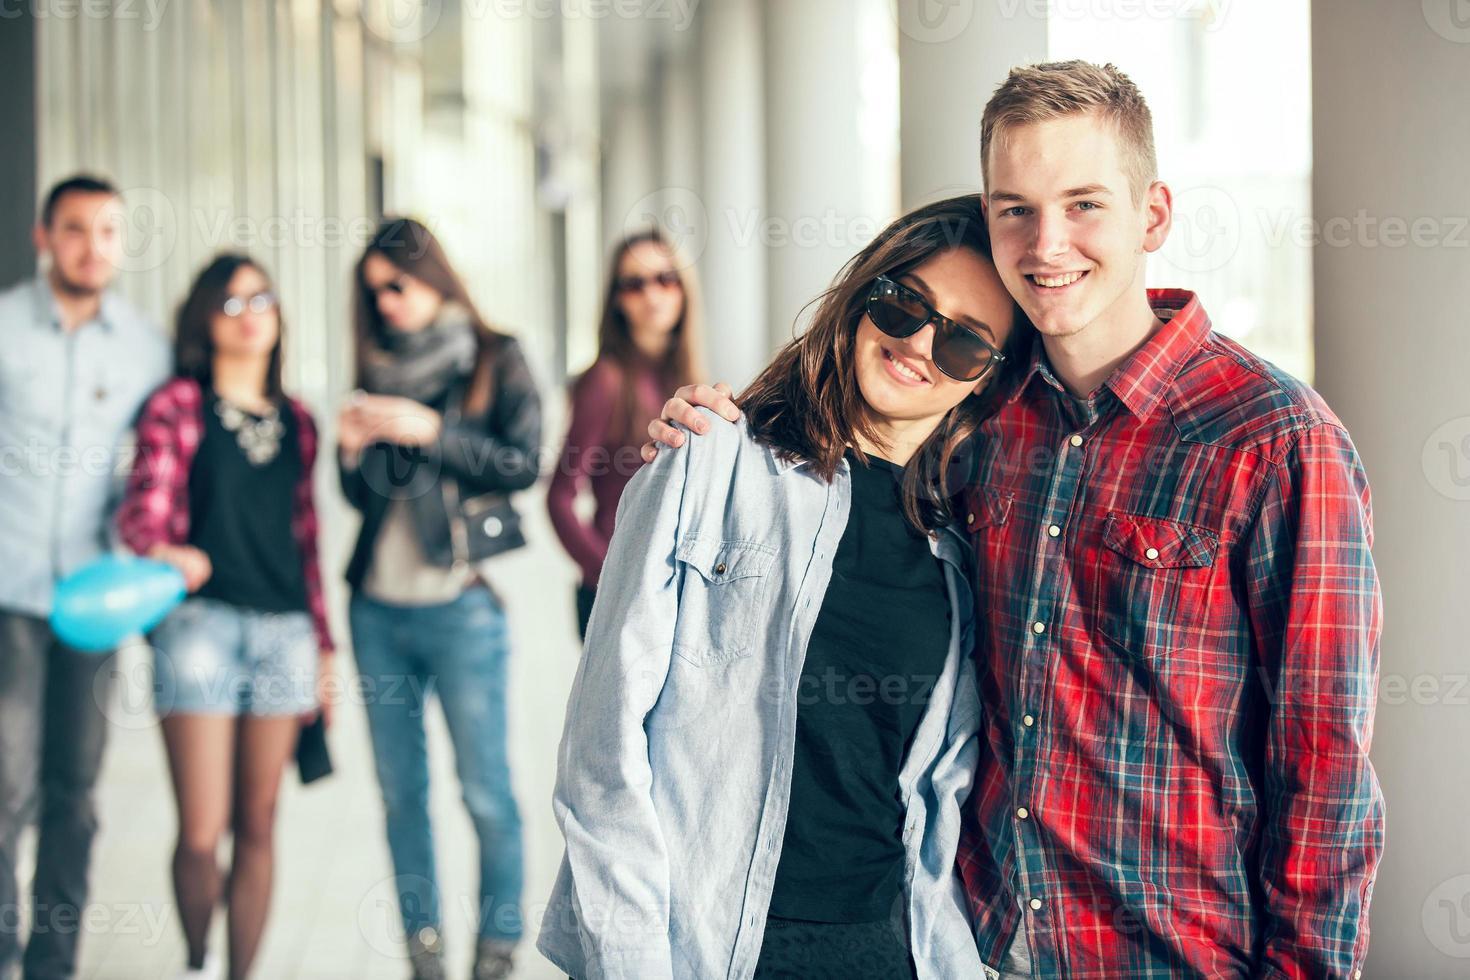 grupo de amigos adolescentes felices foto